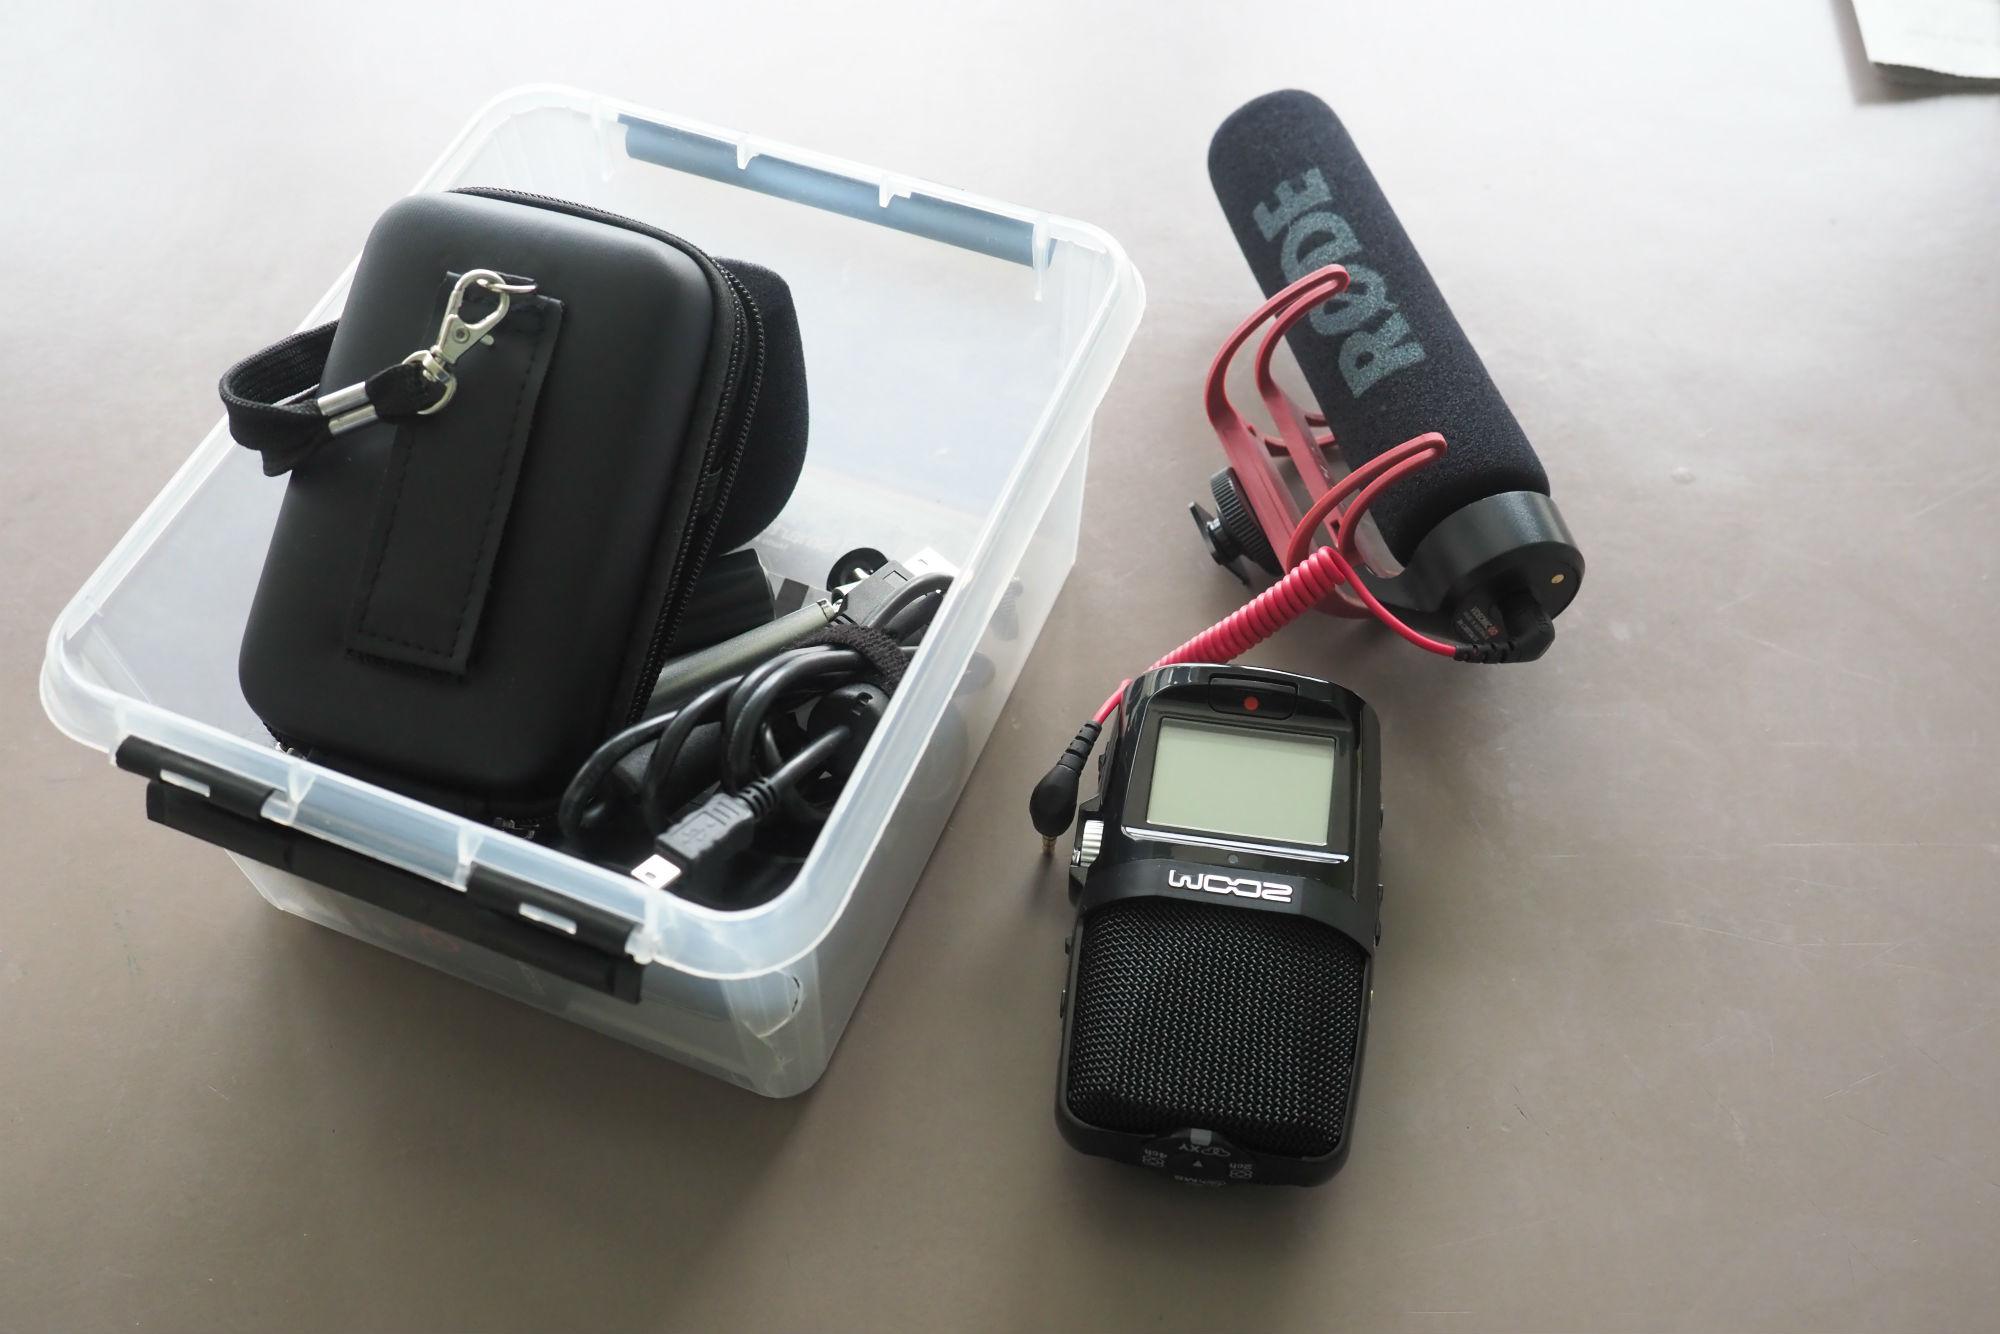 Audiozoom (rechts) und Roede-Mikrofon (mit dem roten Kabel)